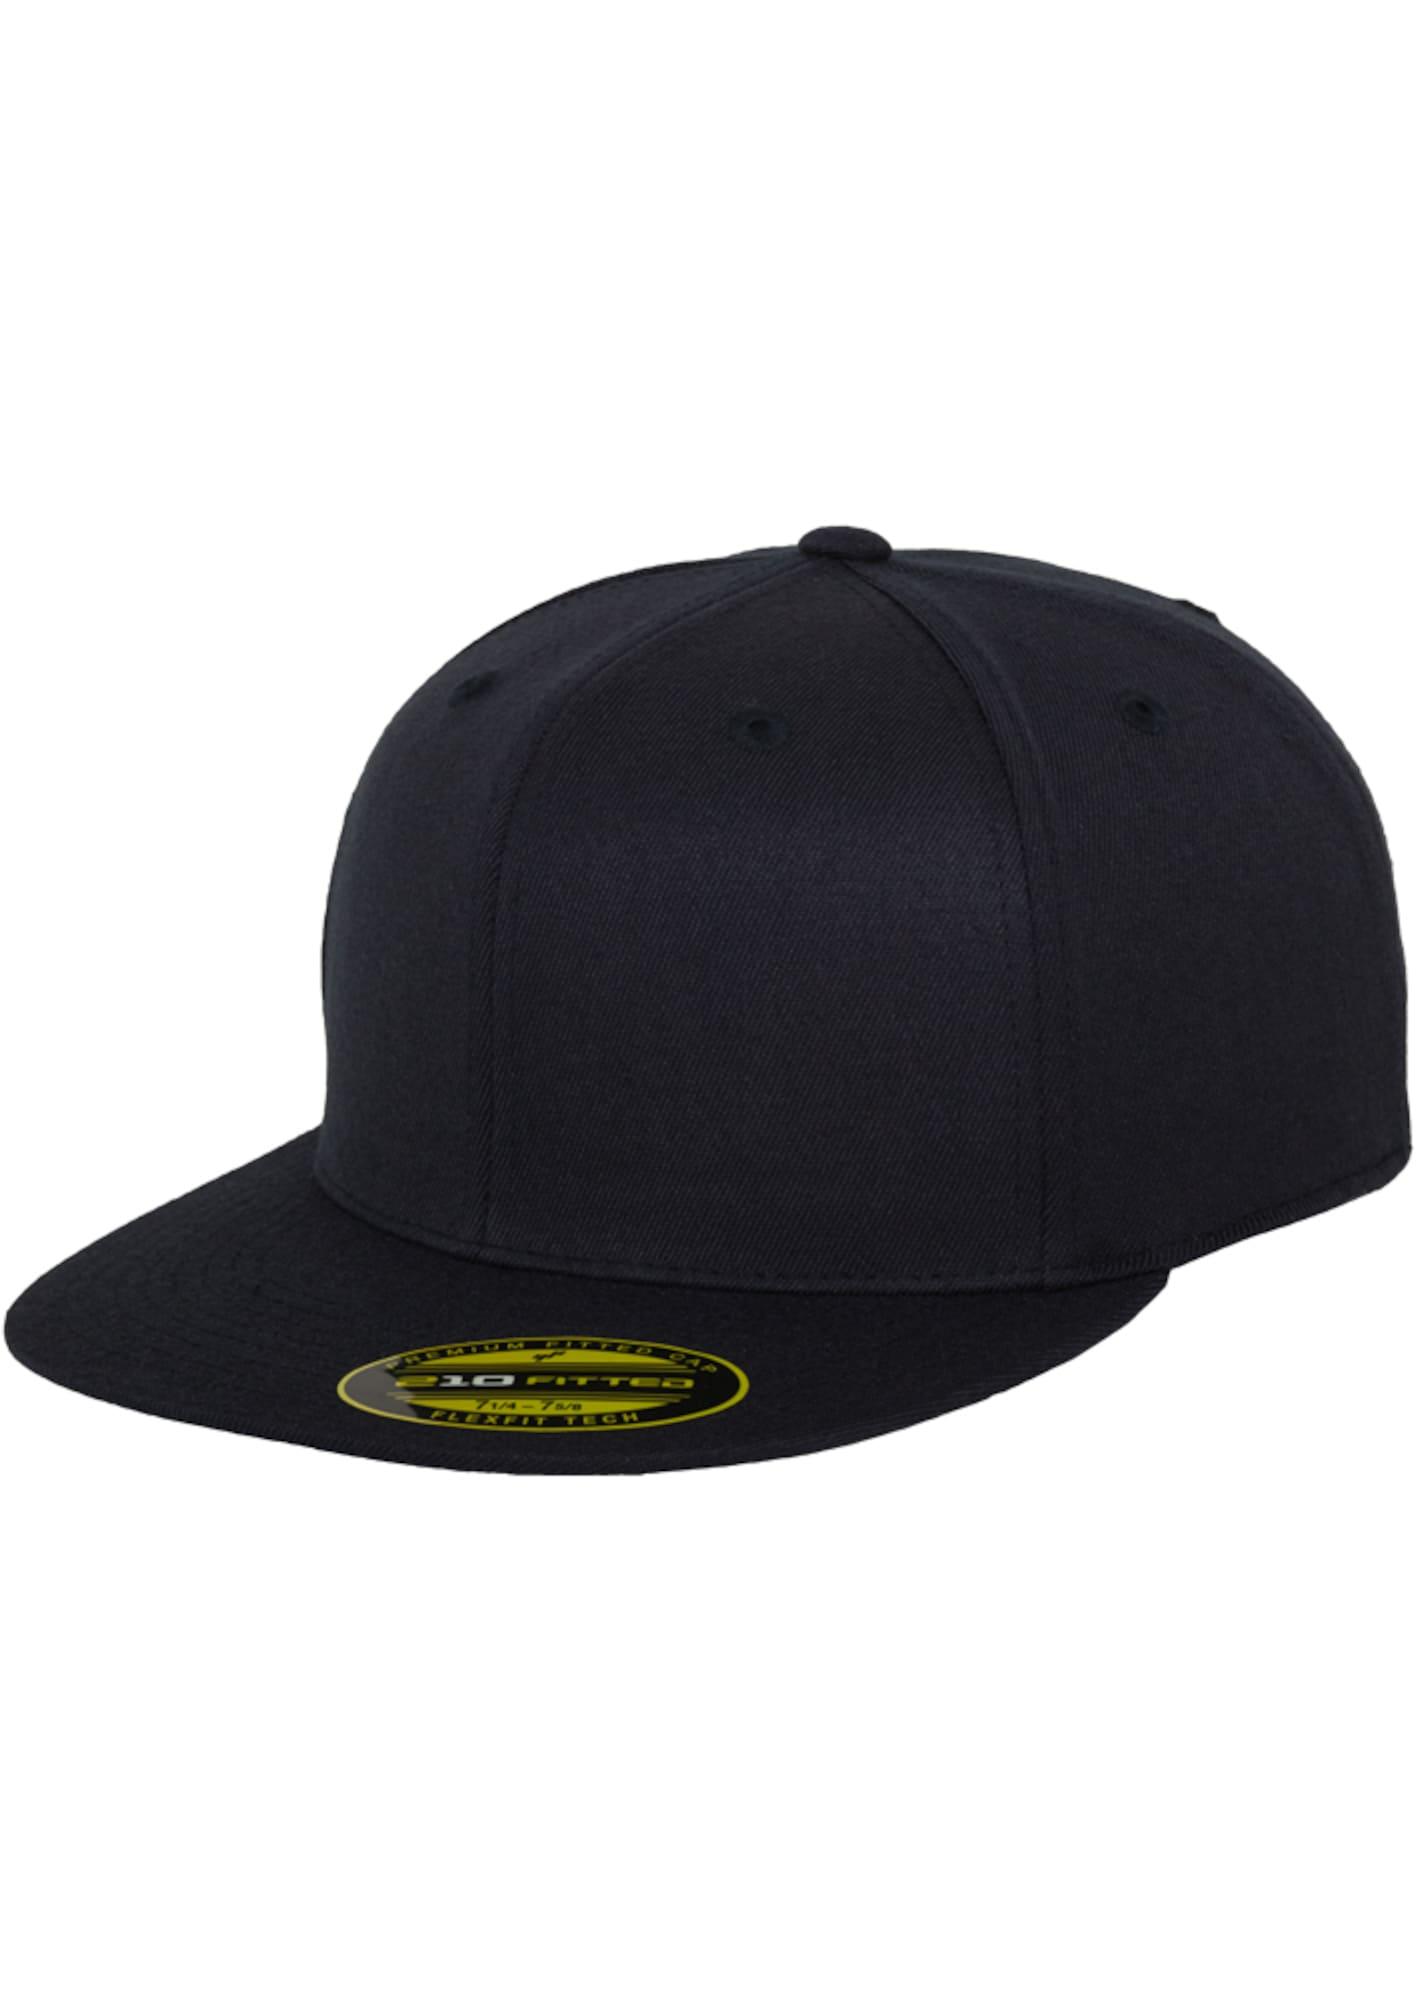 Premium 210 Fitted Cap | Accessoires > Caps | Flexfit